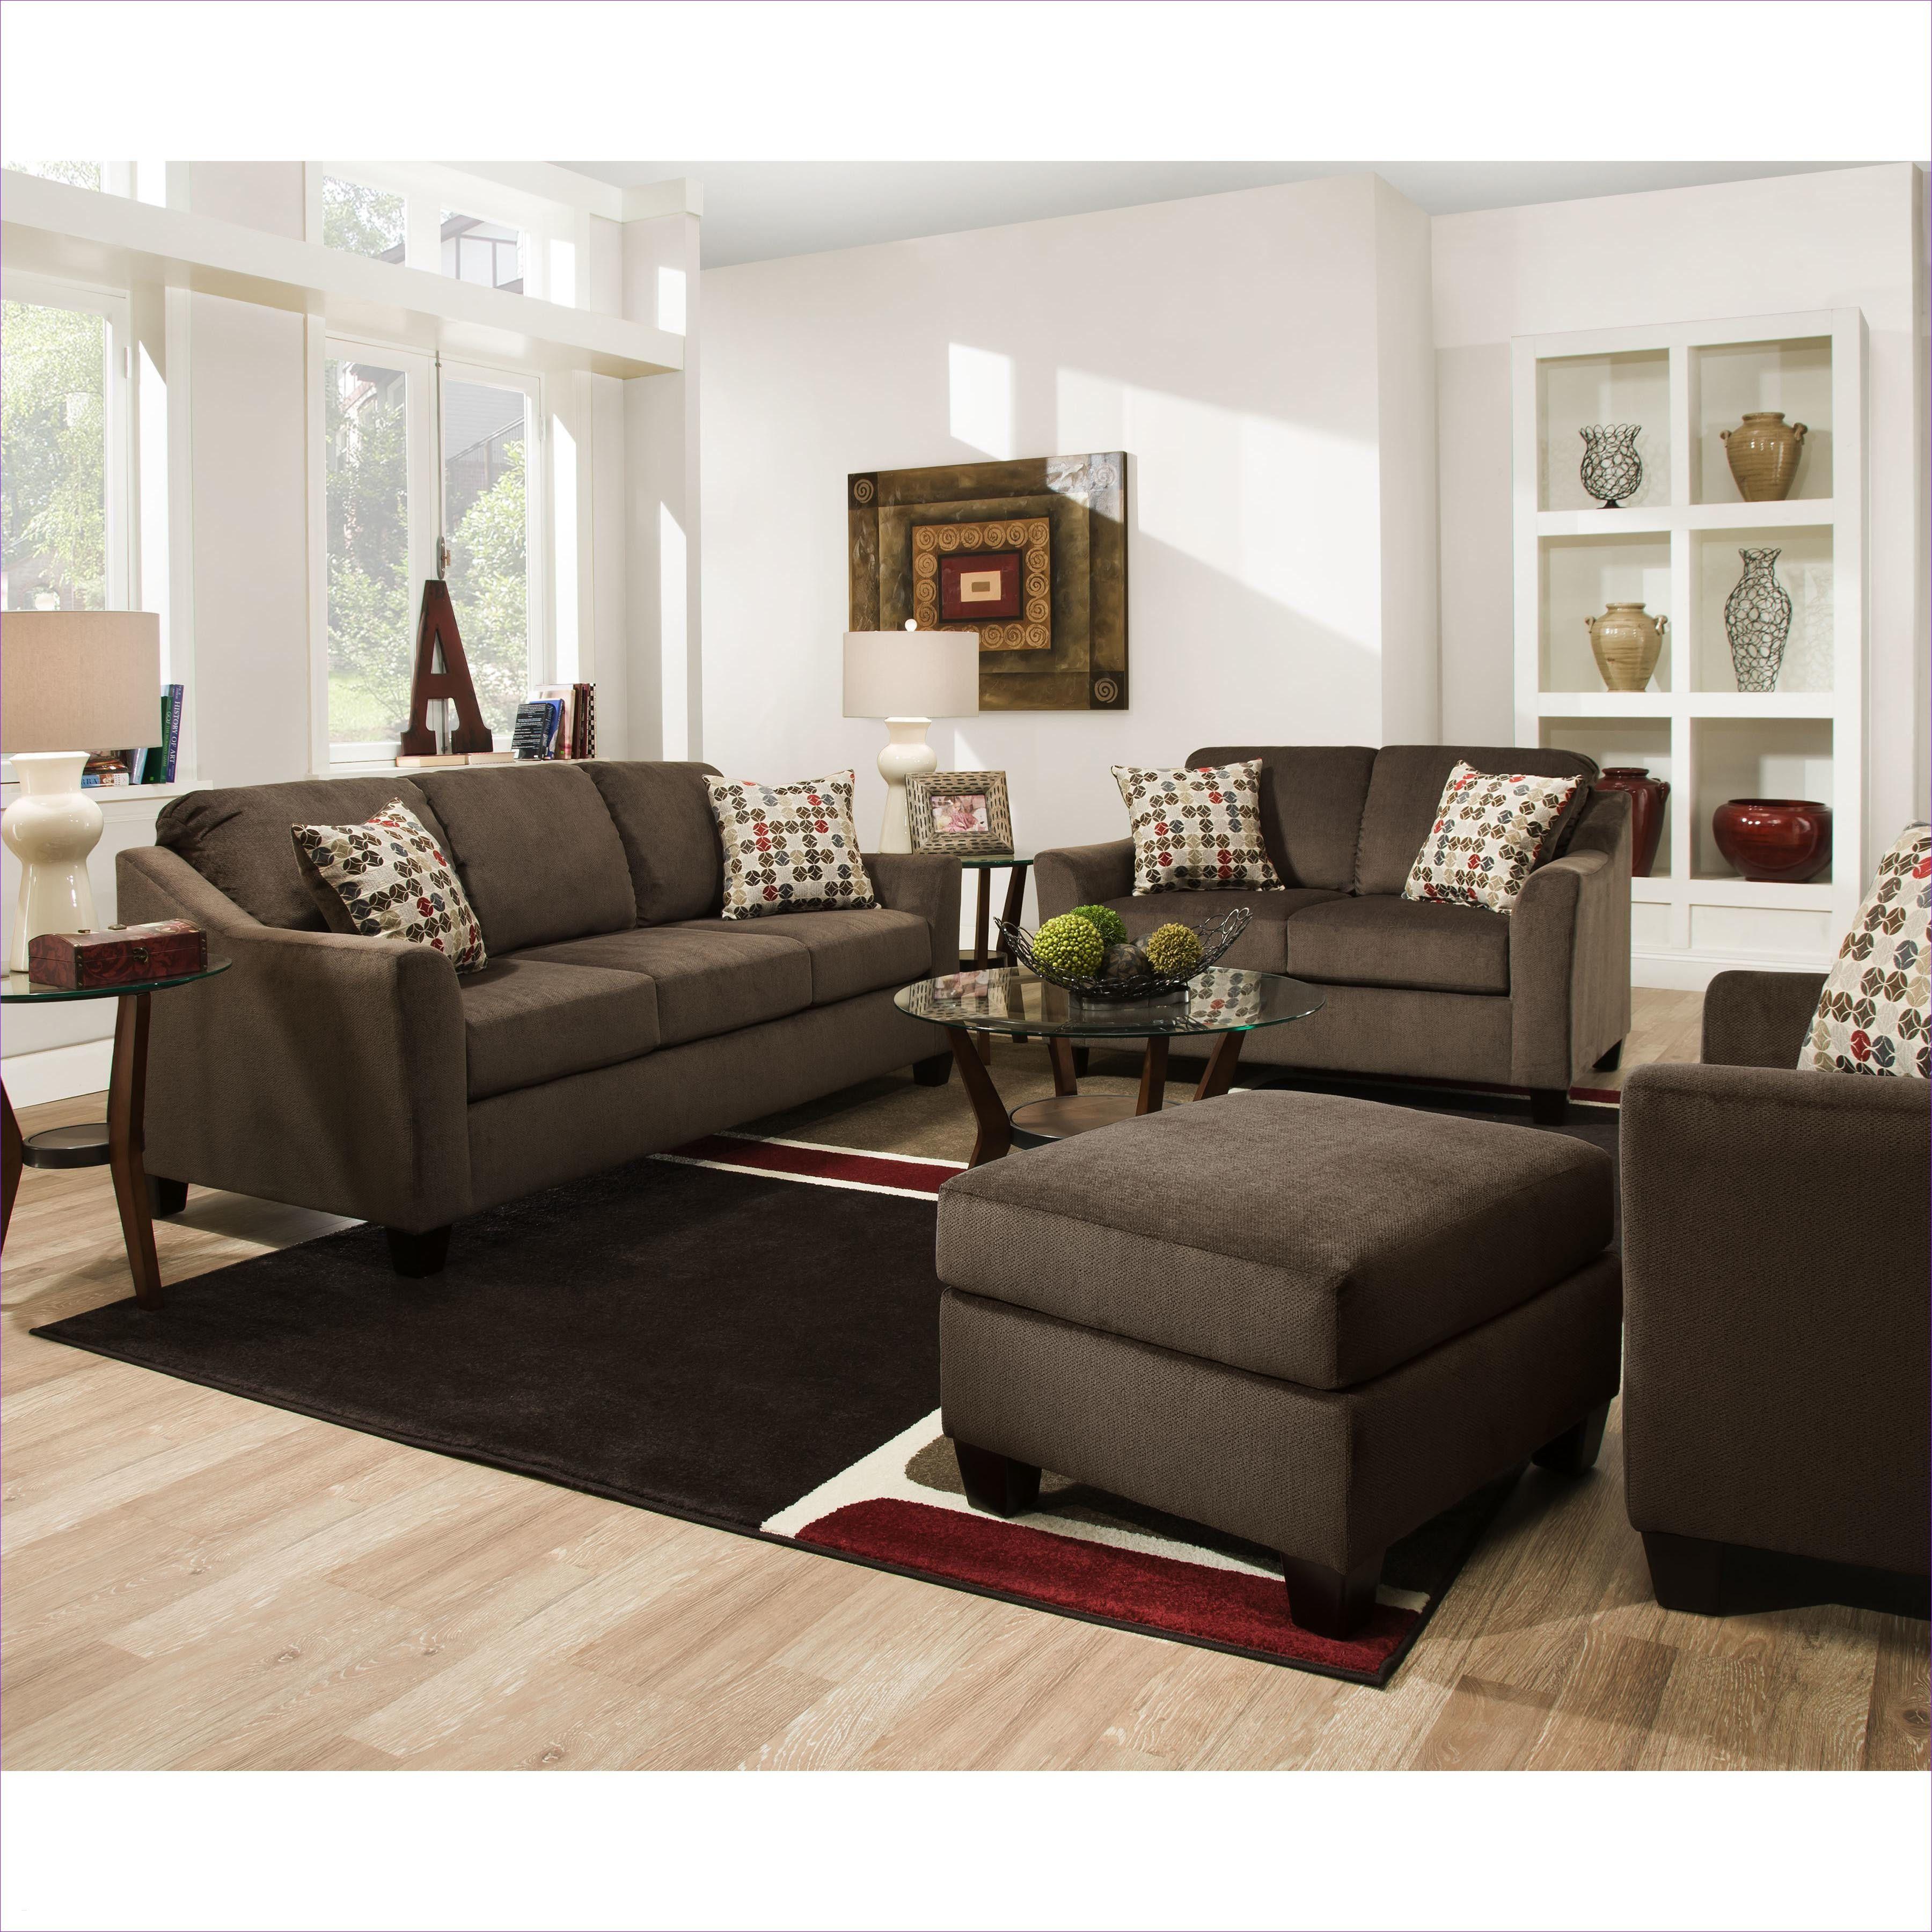 23 Schöne 2 Sitzer Cuddler Sofa (mit Bildern) Sofa